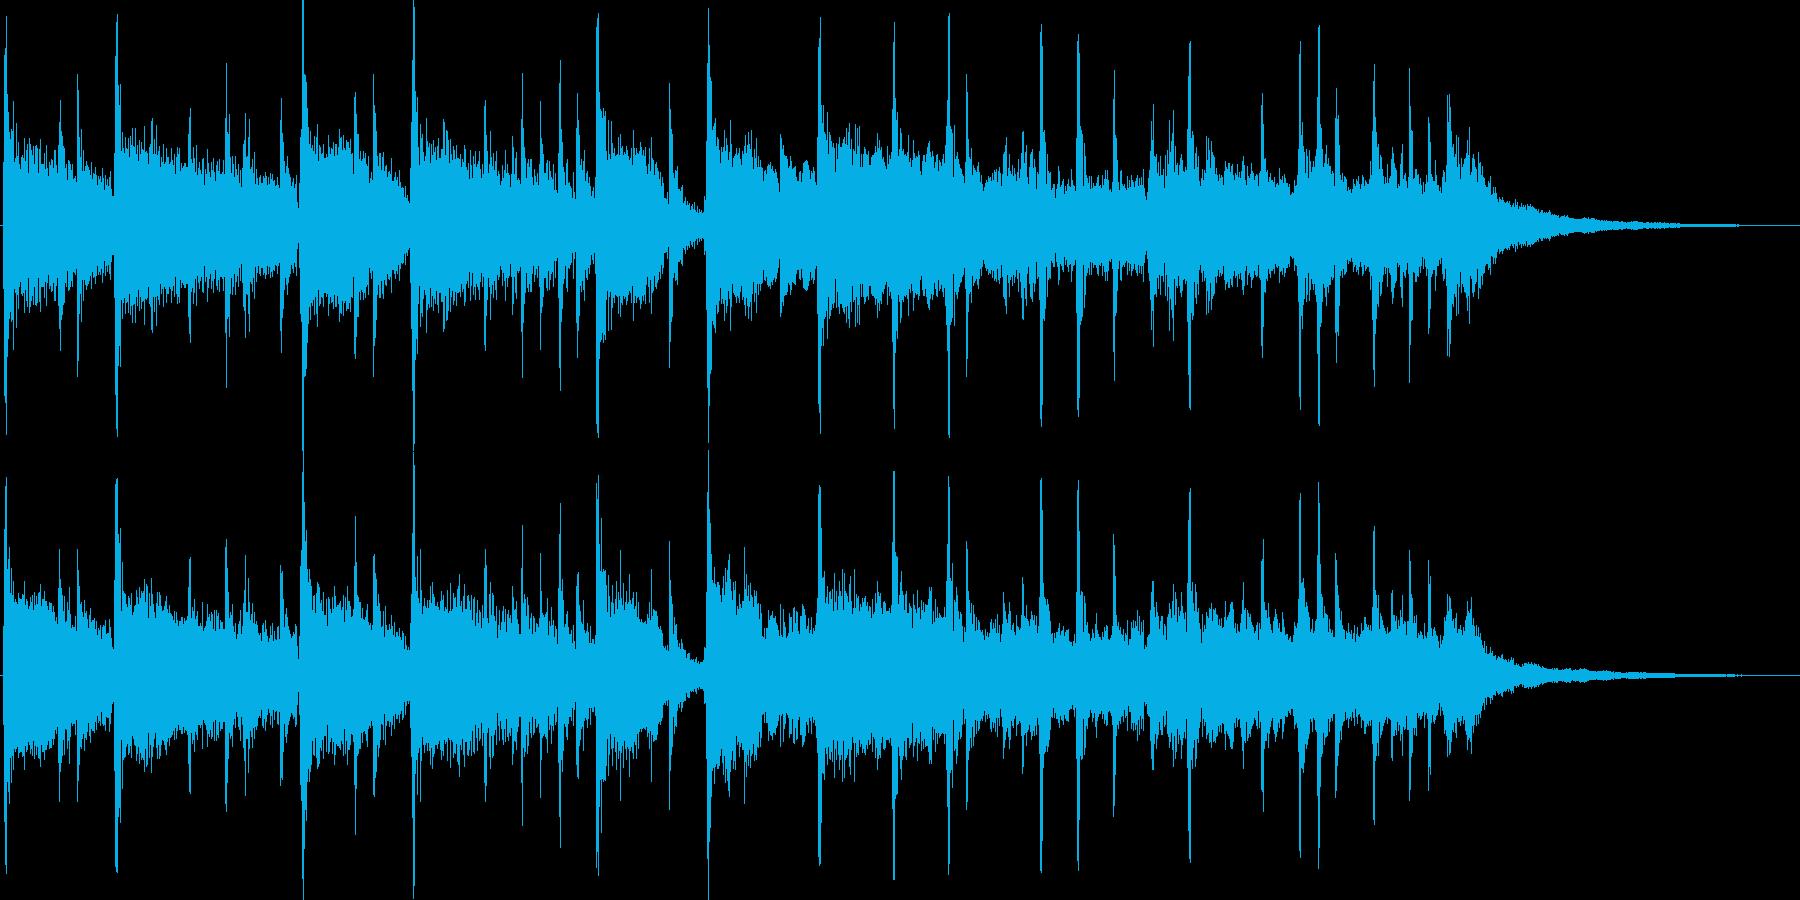 オープニングに最適なフュージョンジングルの再生済みの波形